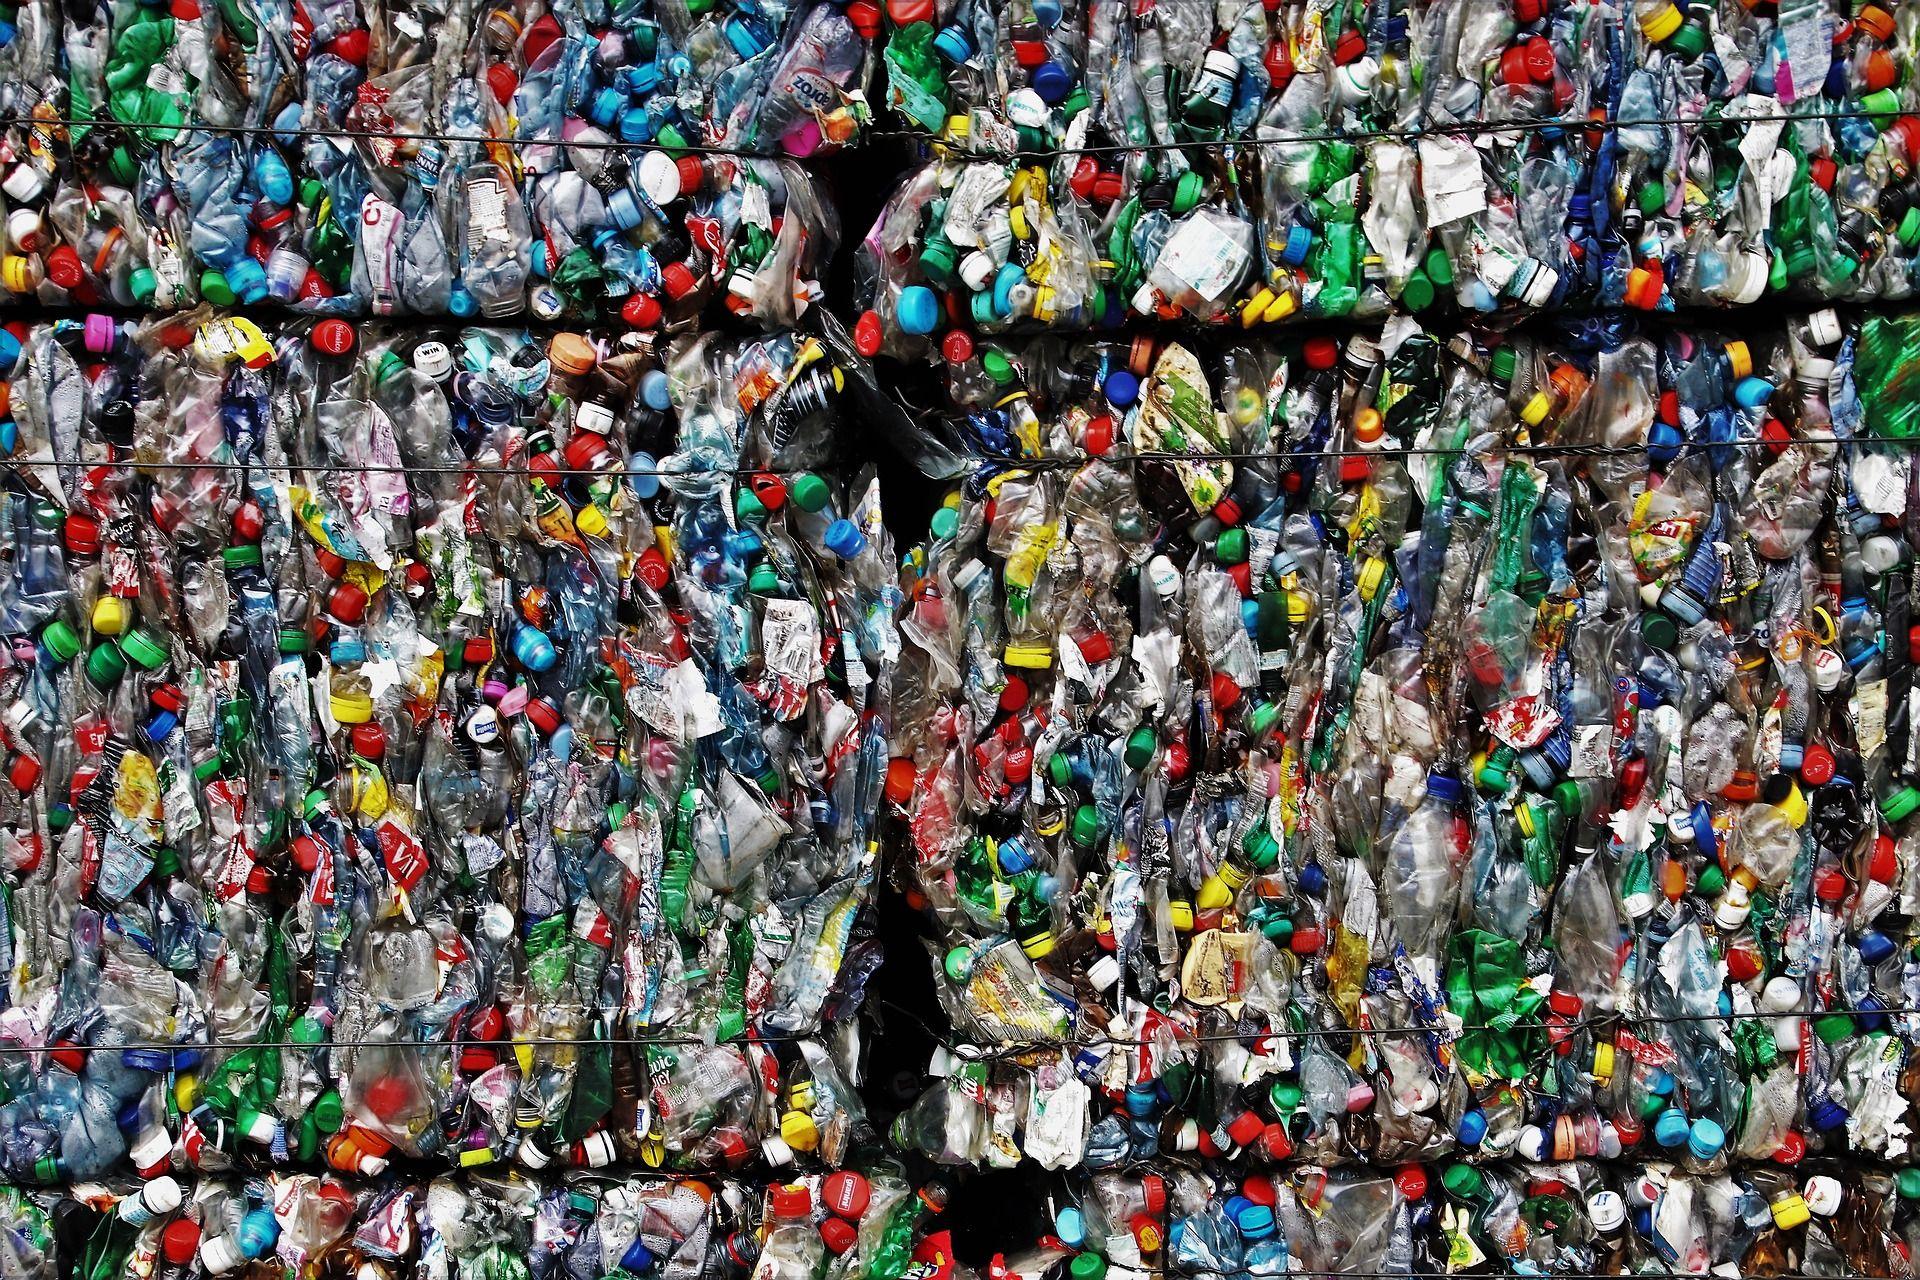 Höheres Plastikmüllaufkommen in Corona-Krise